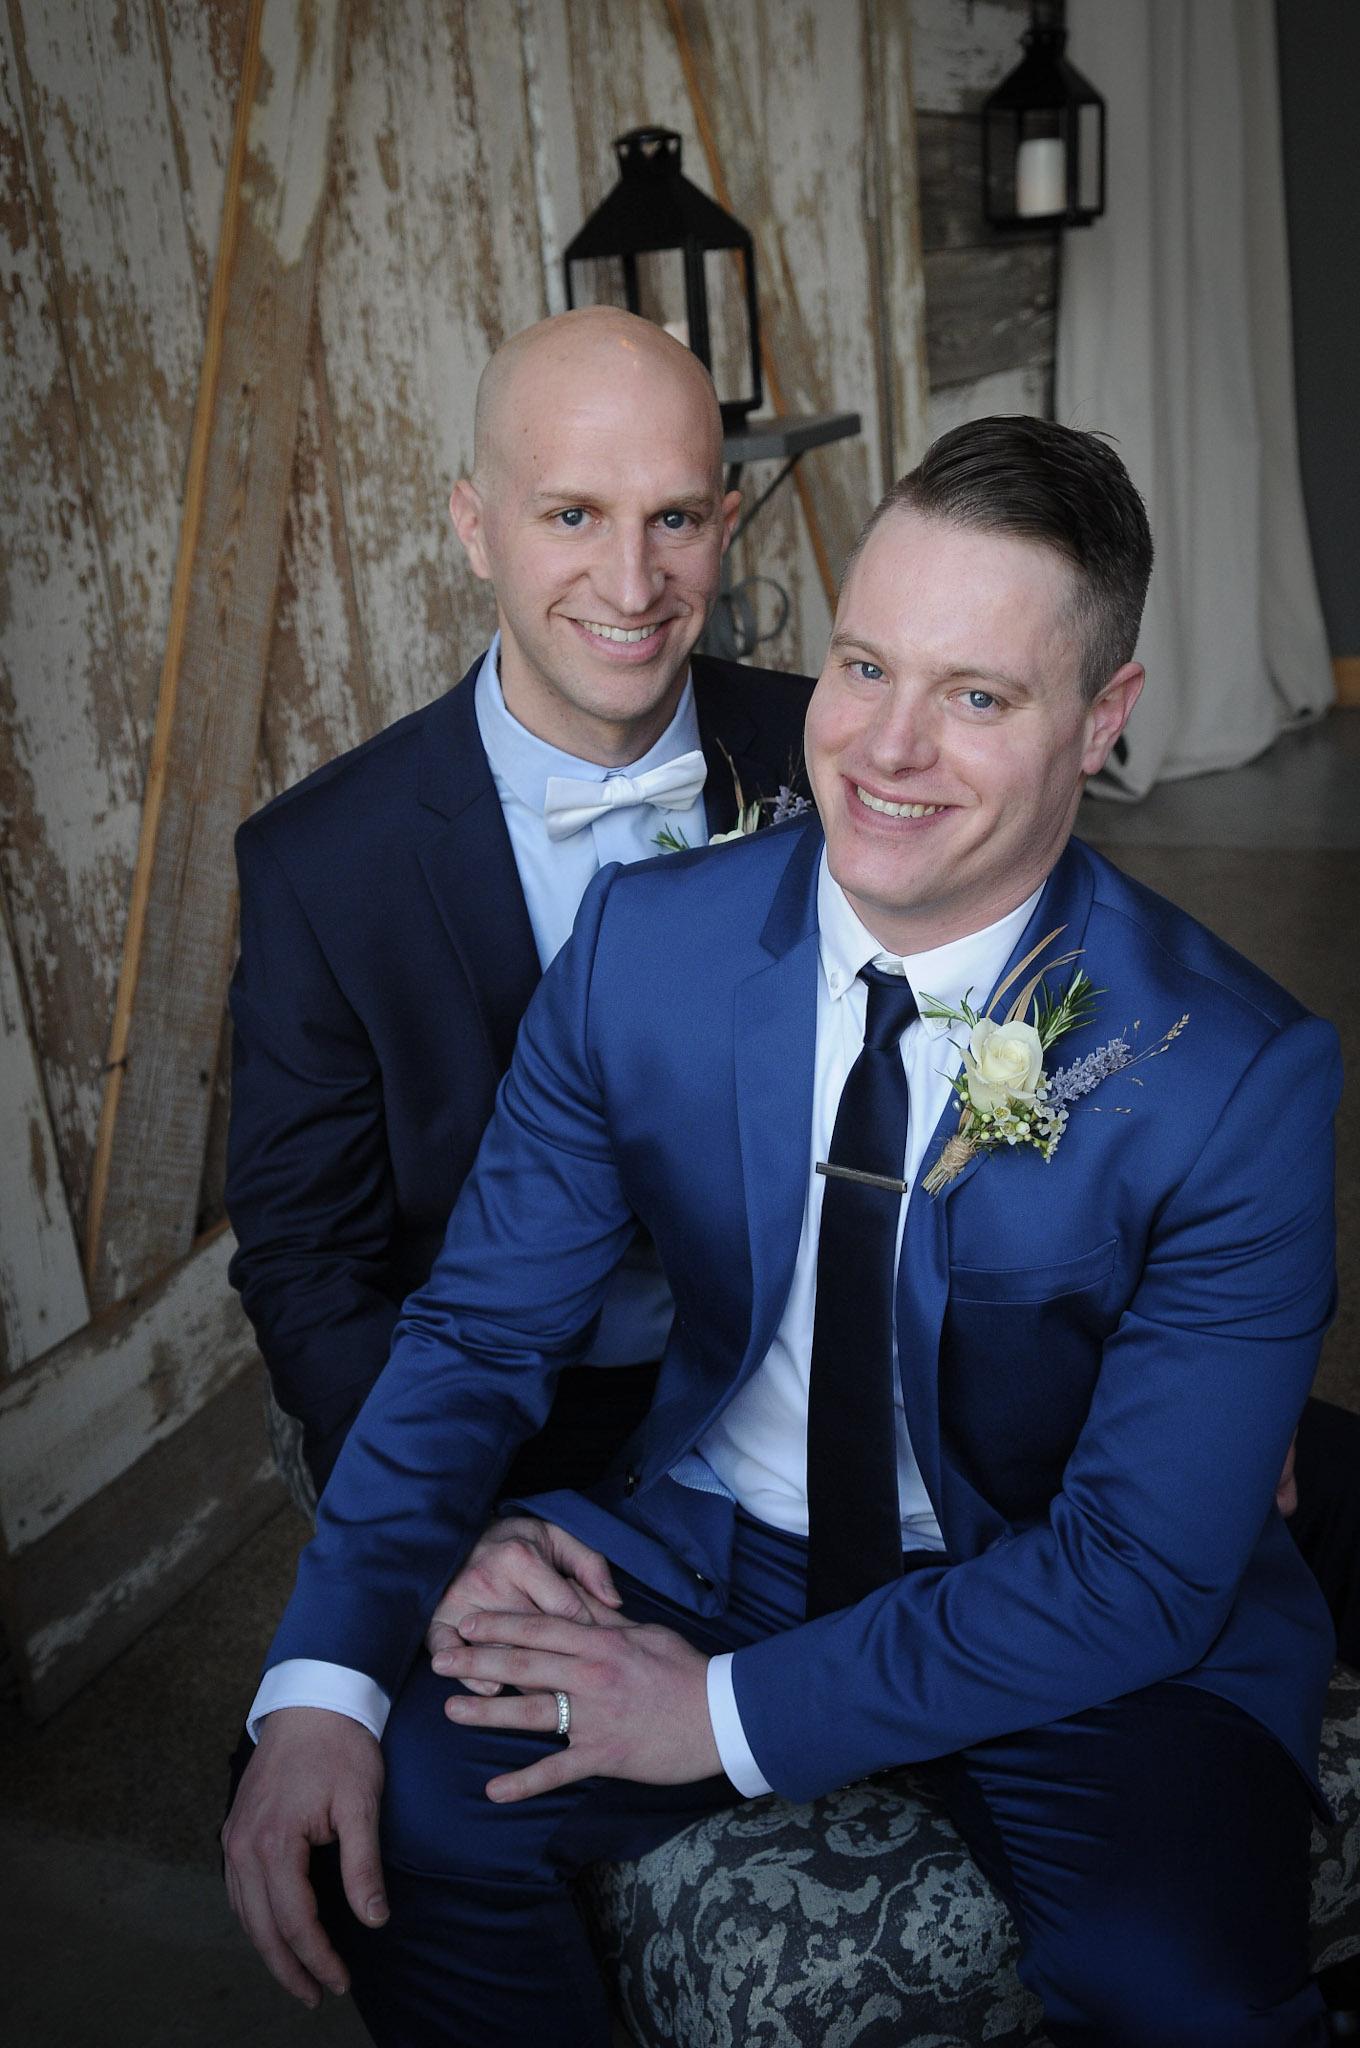 Kansas_City_Small_Intimate_Budget_Wedding_Venue_IMG_7449.jpg